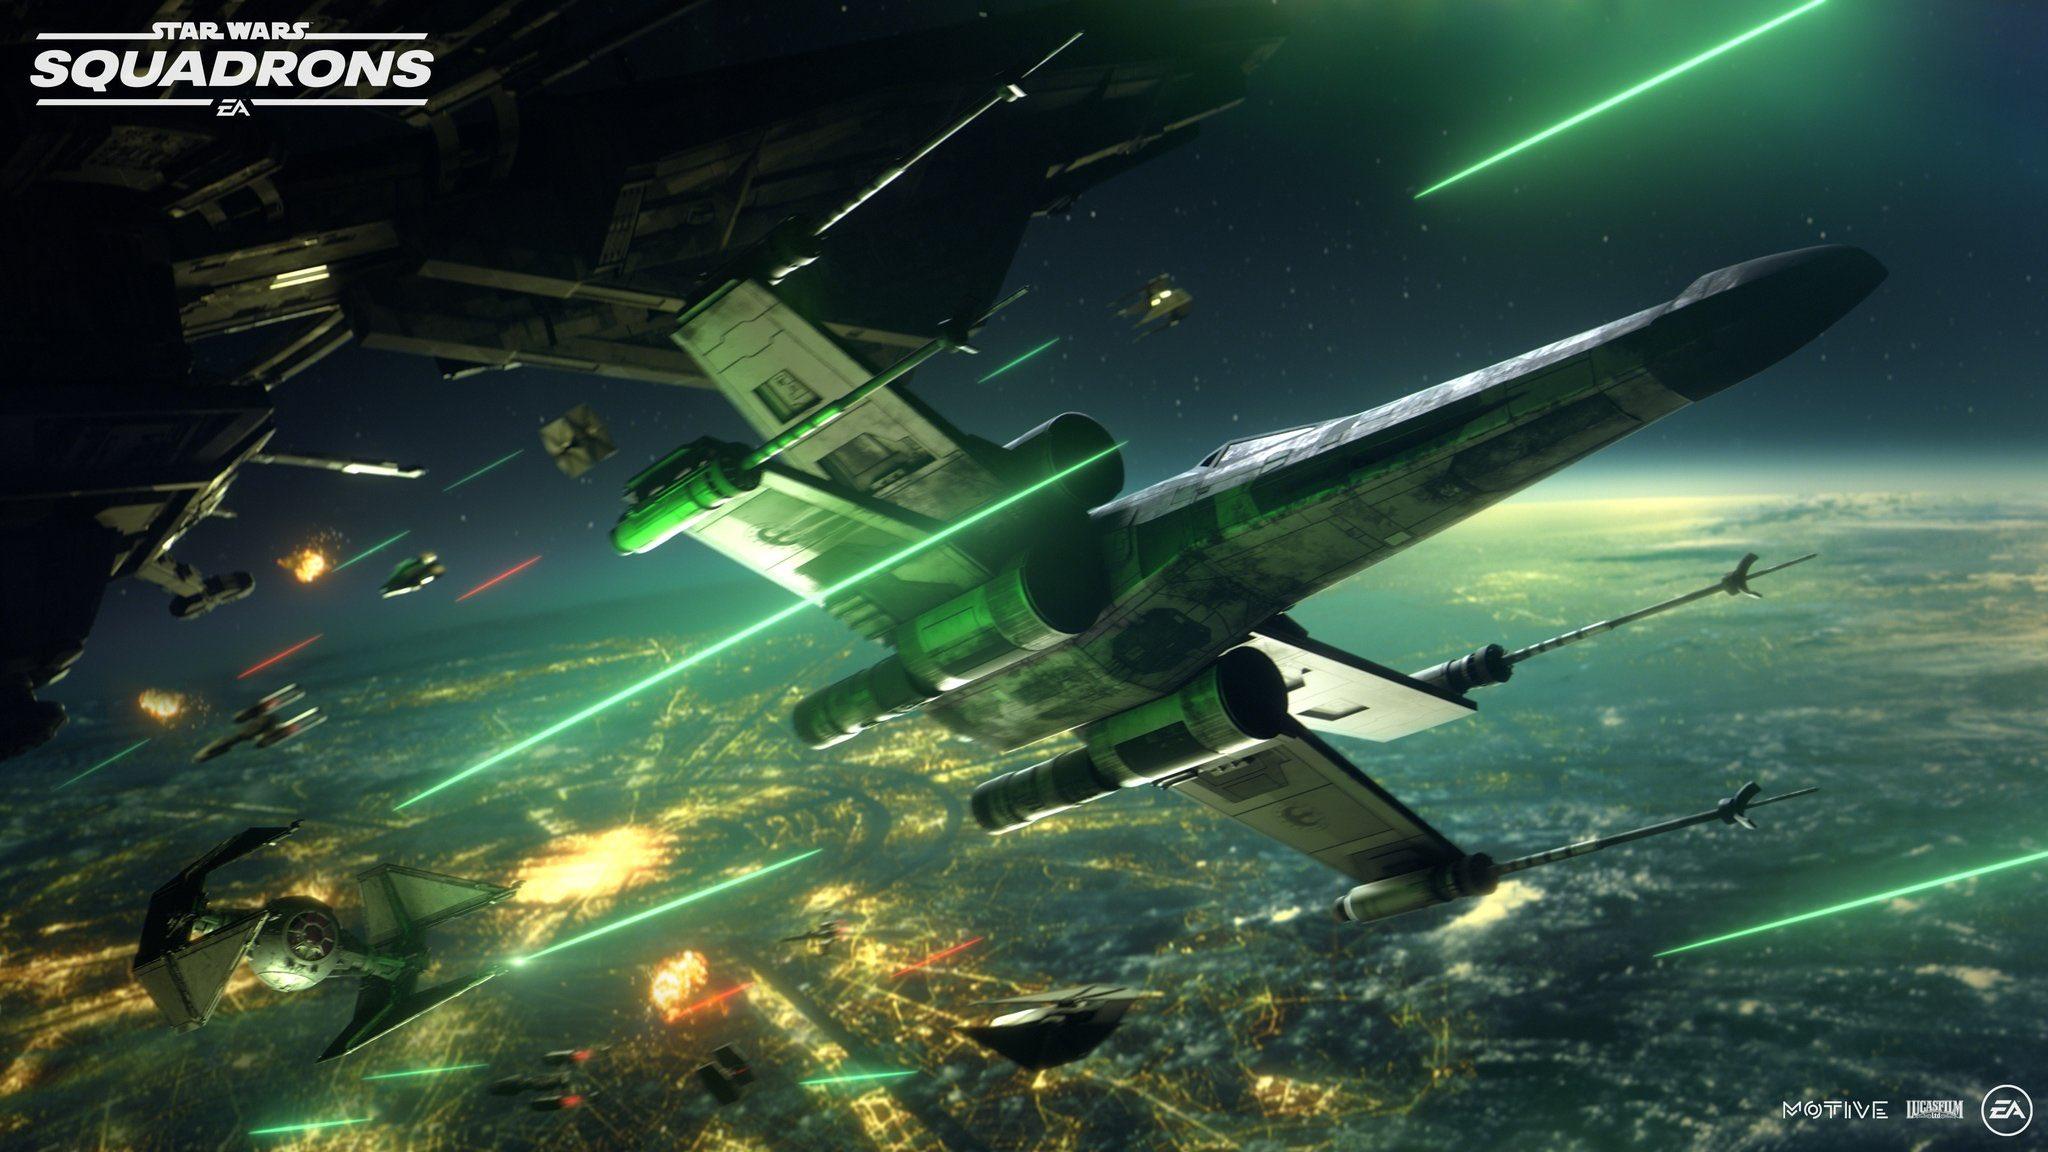 Первый трейлер и детали Star Wars: Squadrons 5